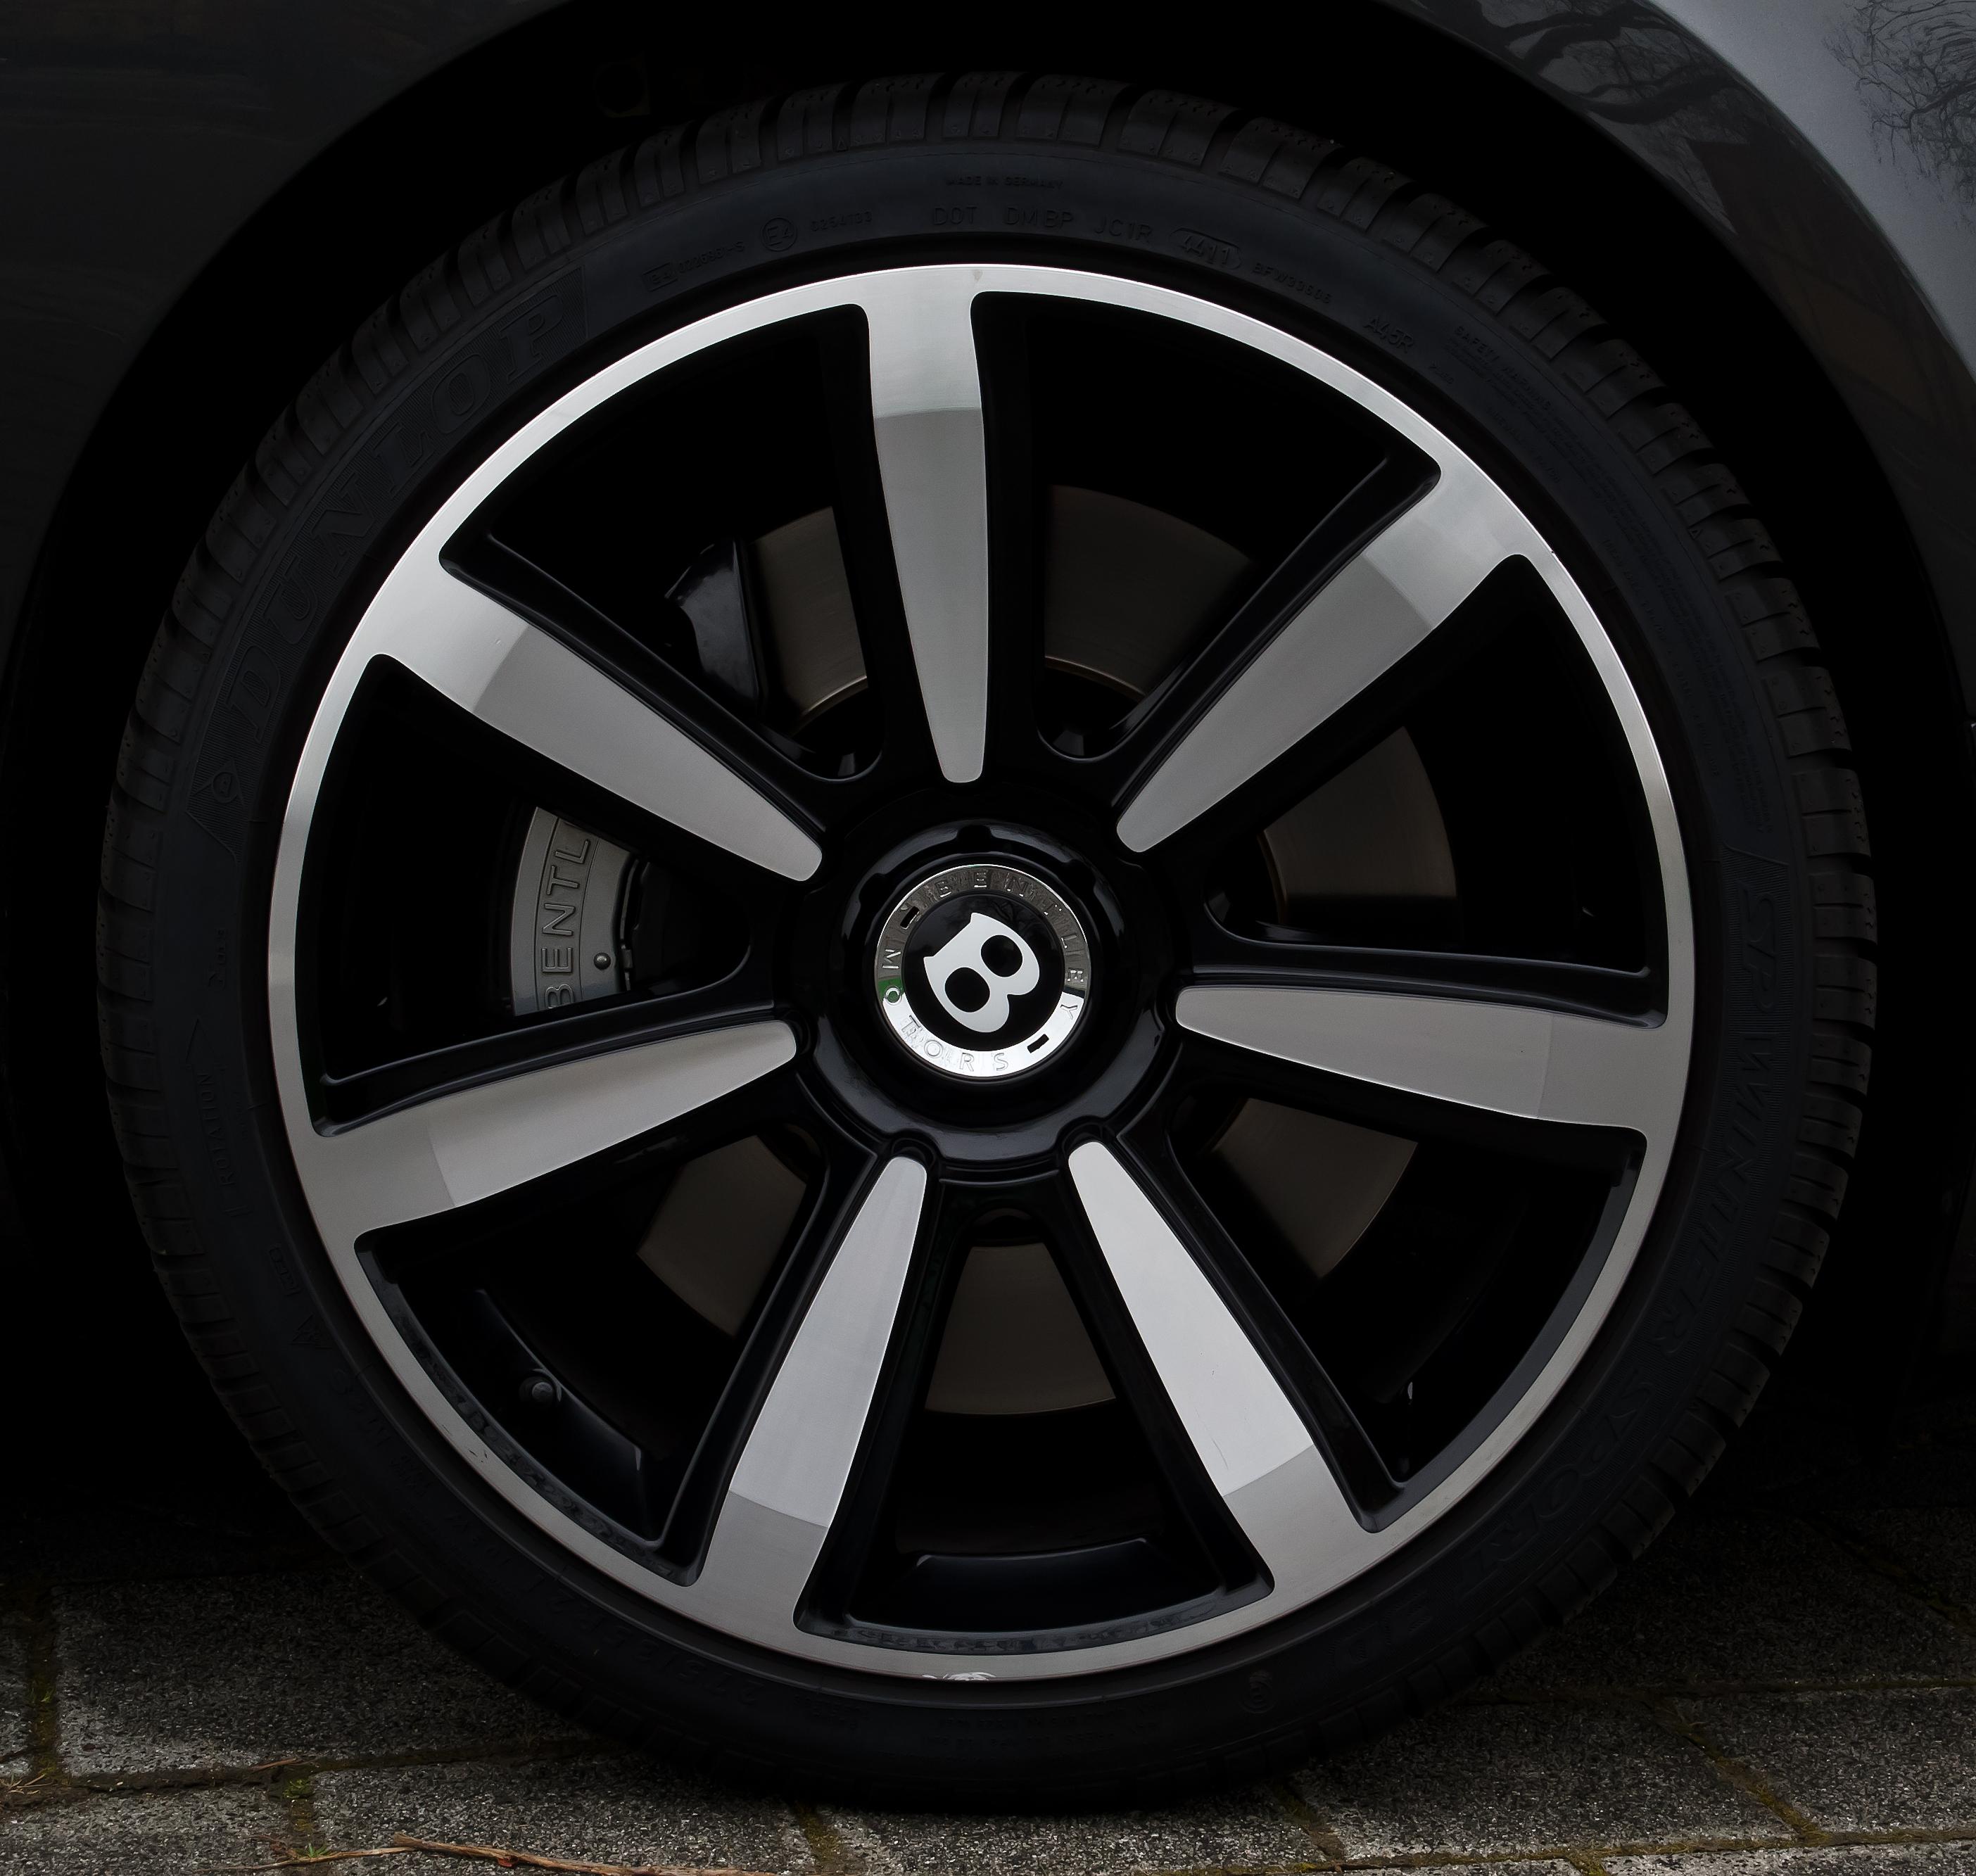 2012 Bentley Continental Camshaft: File:Bentley Continental GT (II)